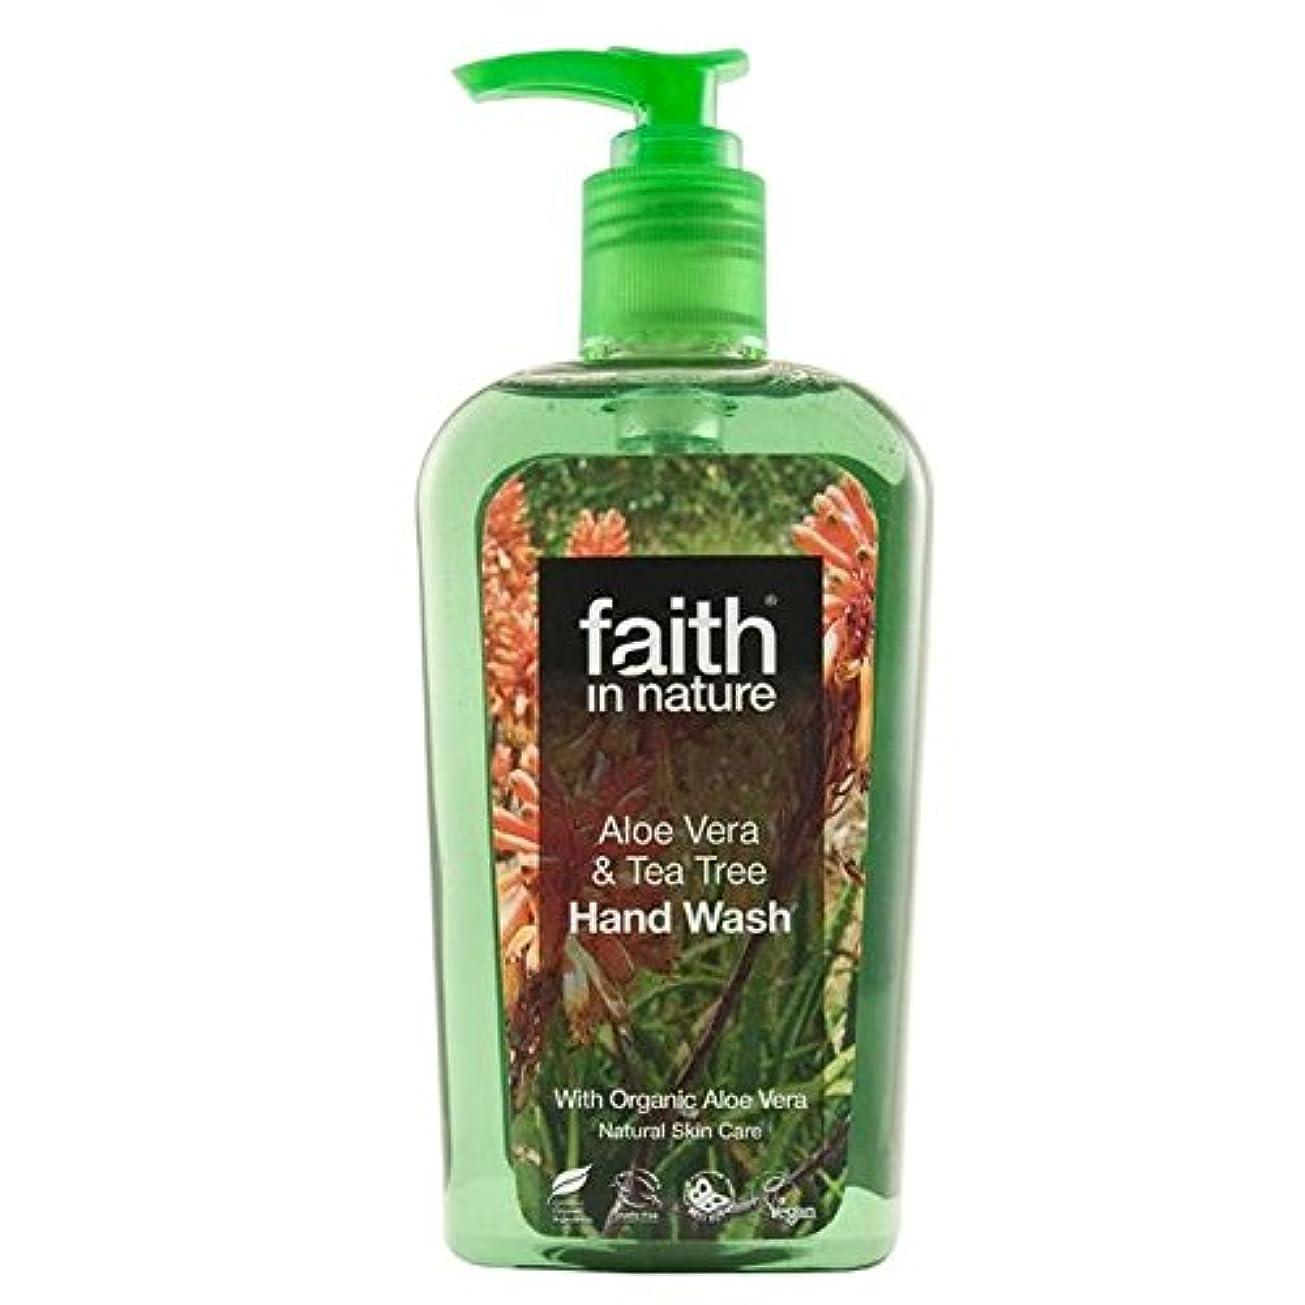 オーバーコート悪意のある行くFaith in Nature Aloe Vera & Tea Tree Handwash 300ml - (Faith In Nature) 自然のアロエベラ&ティーツリー手洗いの300ミリリットルの信仰 [並行輸入品]